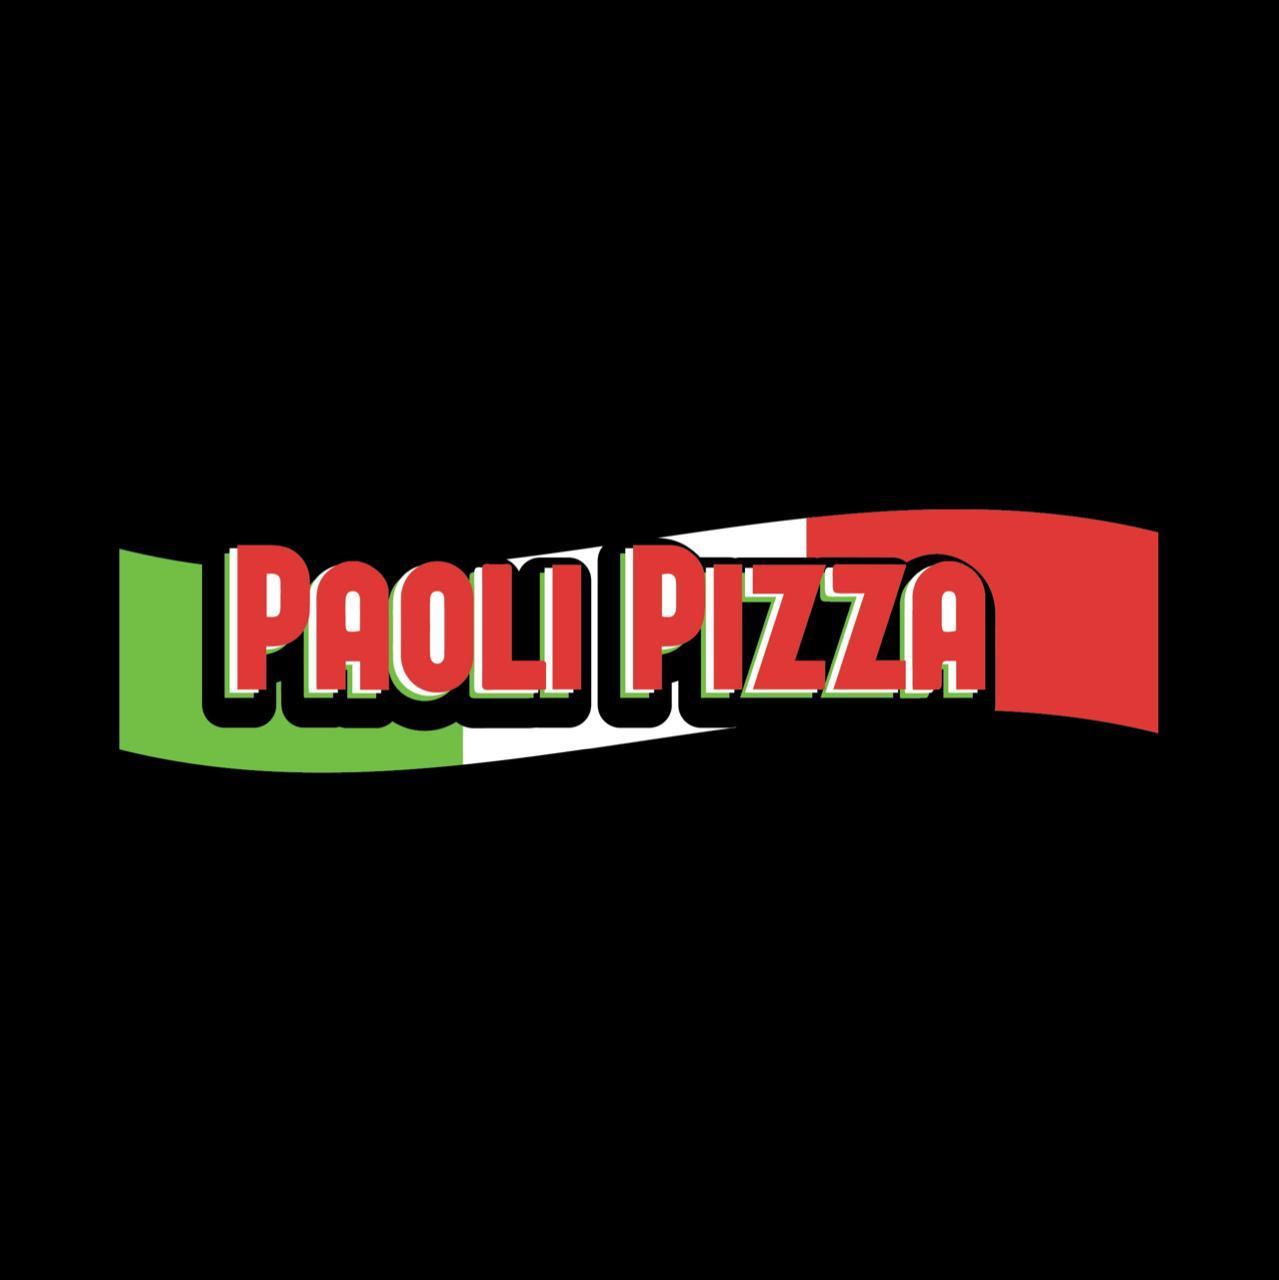 Paoli Pizza